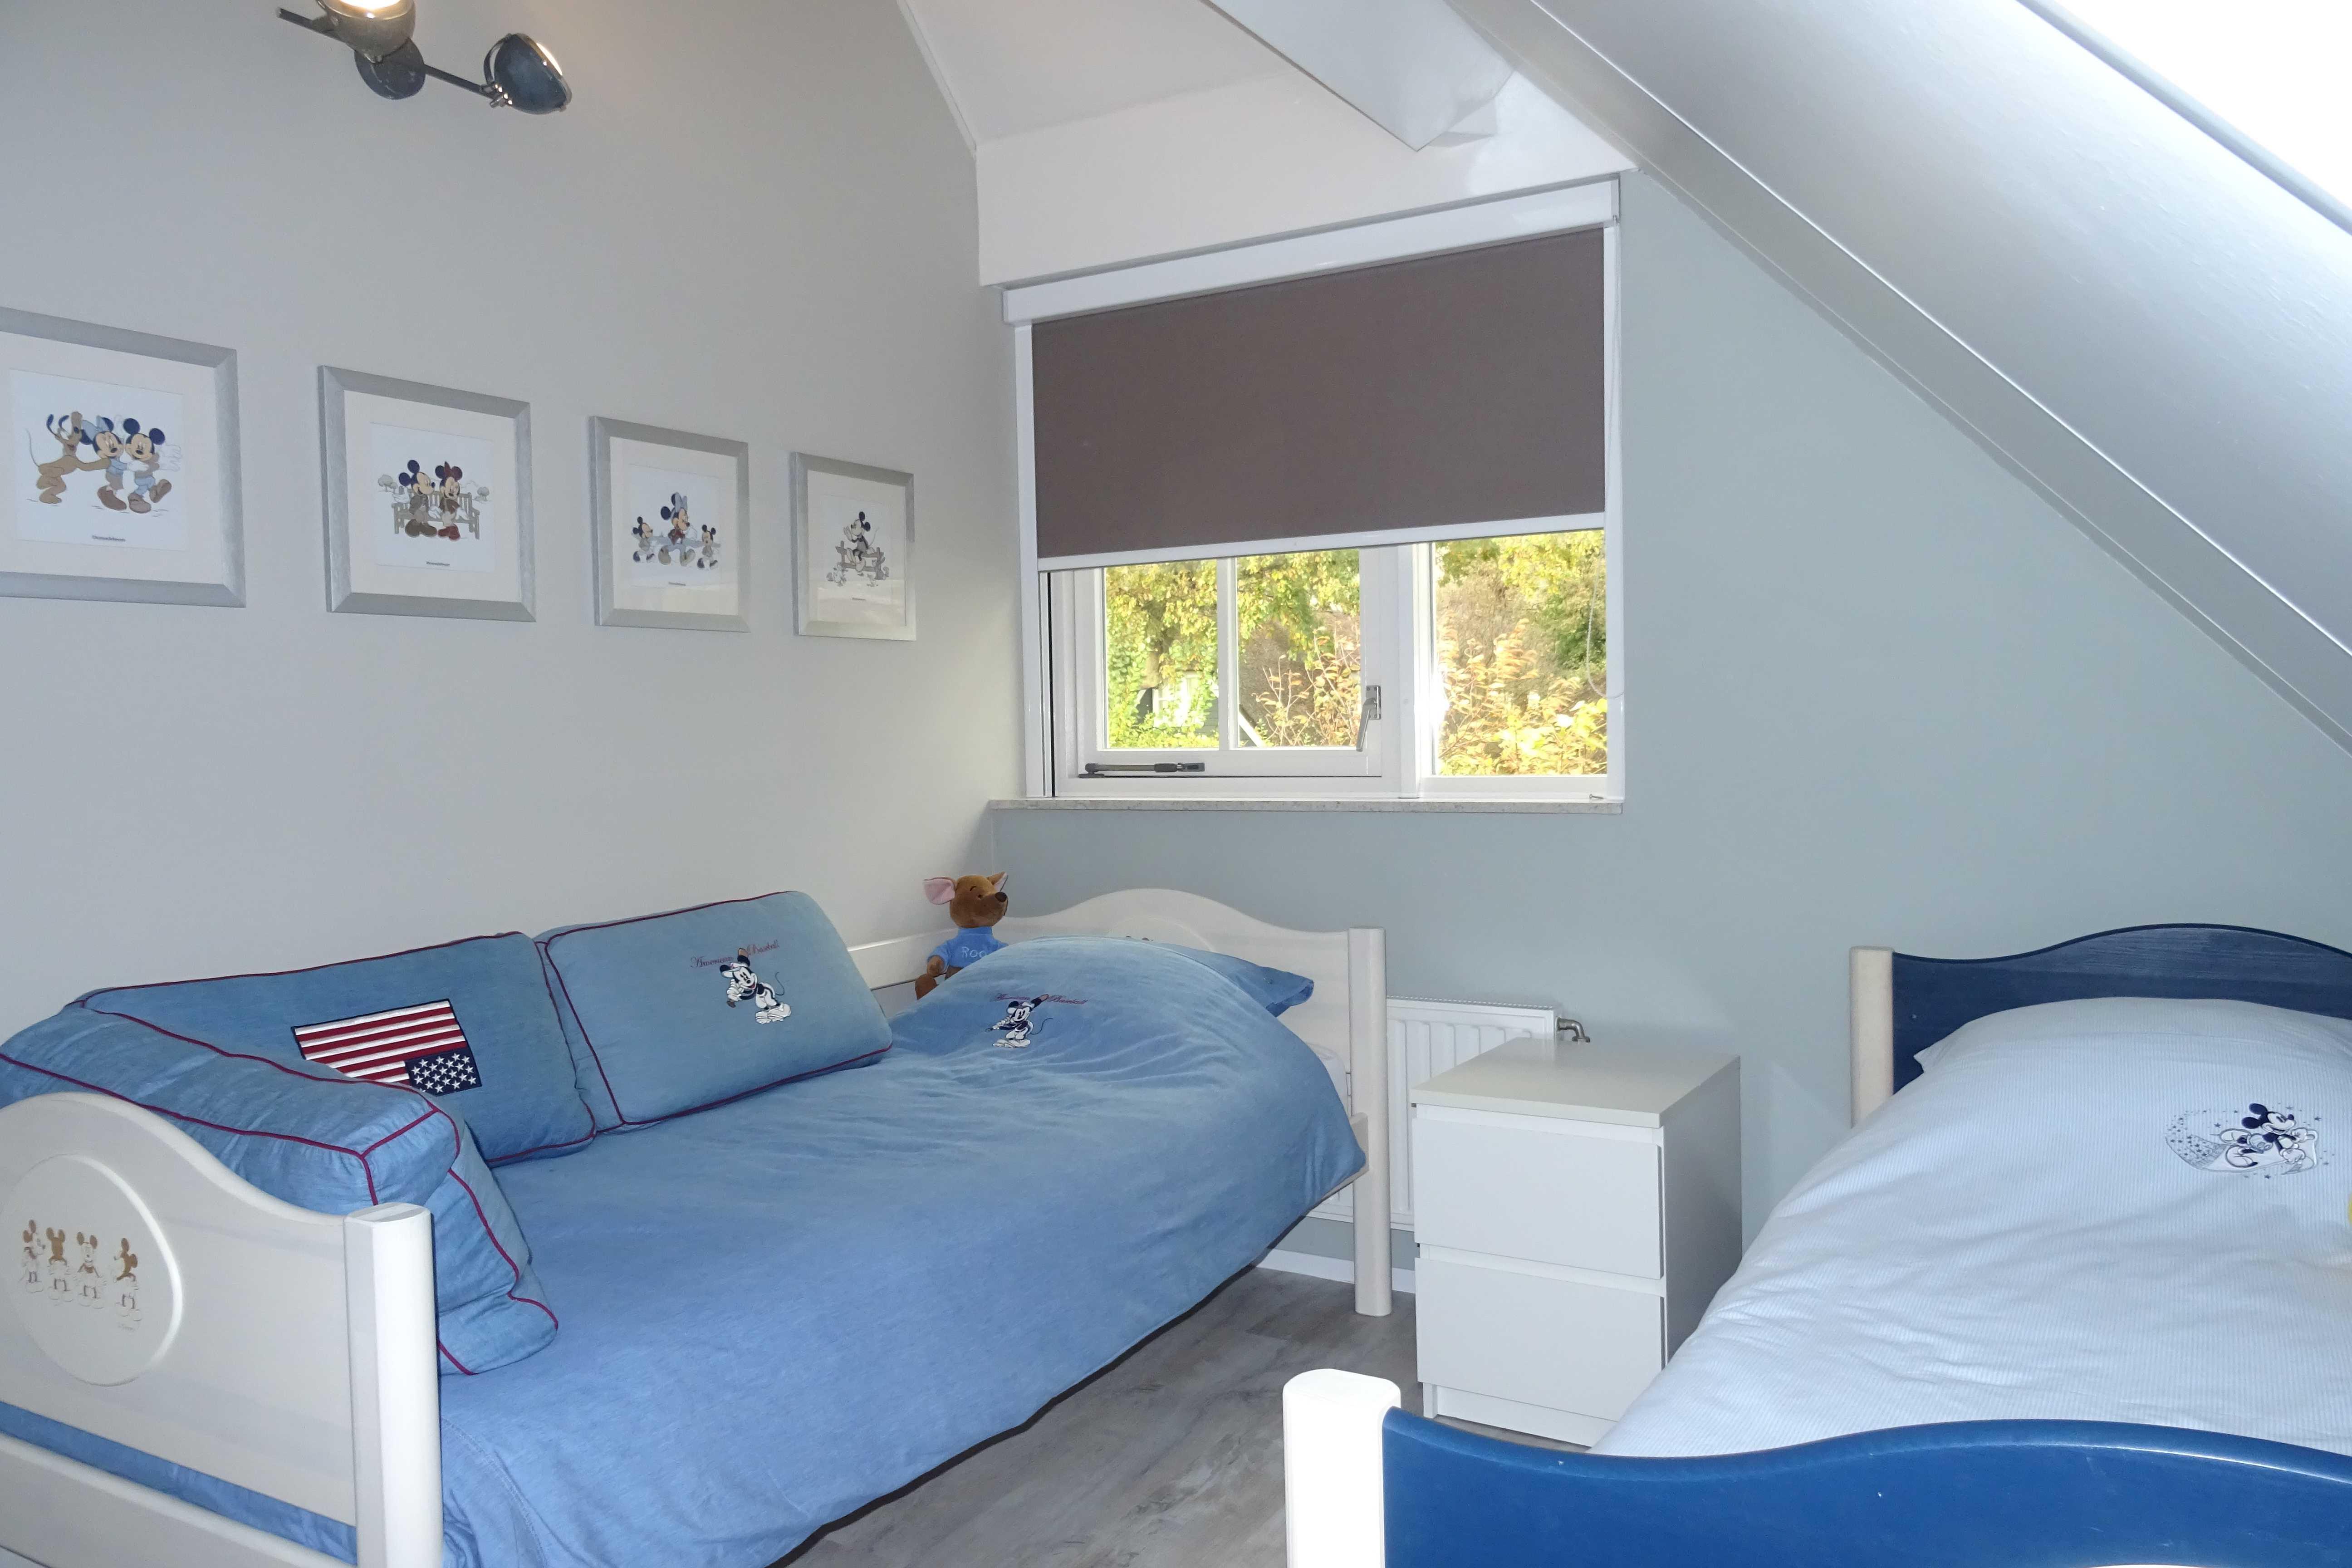 kinderslaapkamer-twee-bedden-villa-burghduin